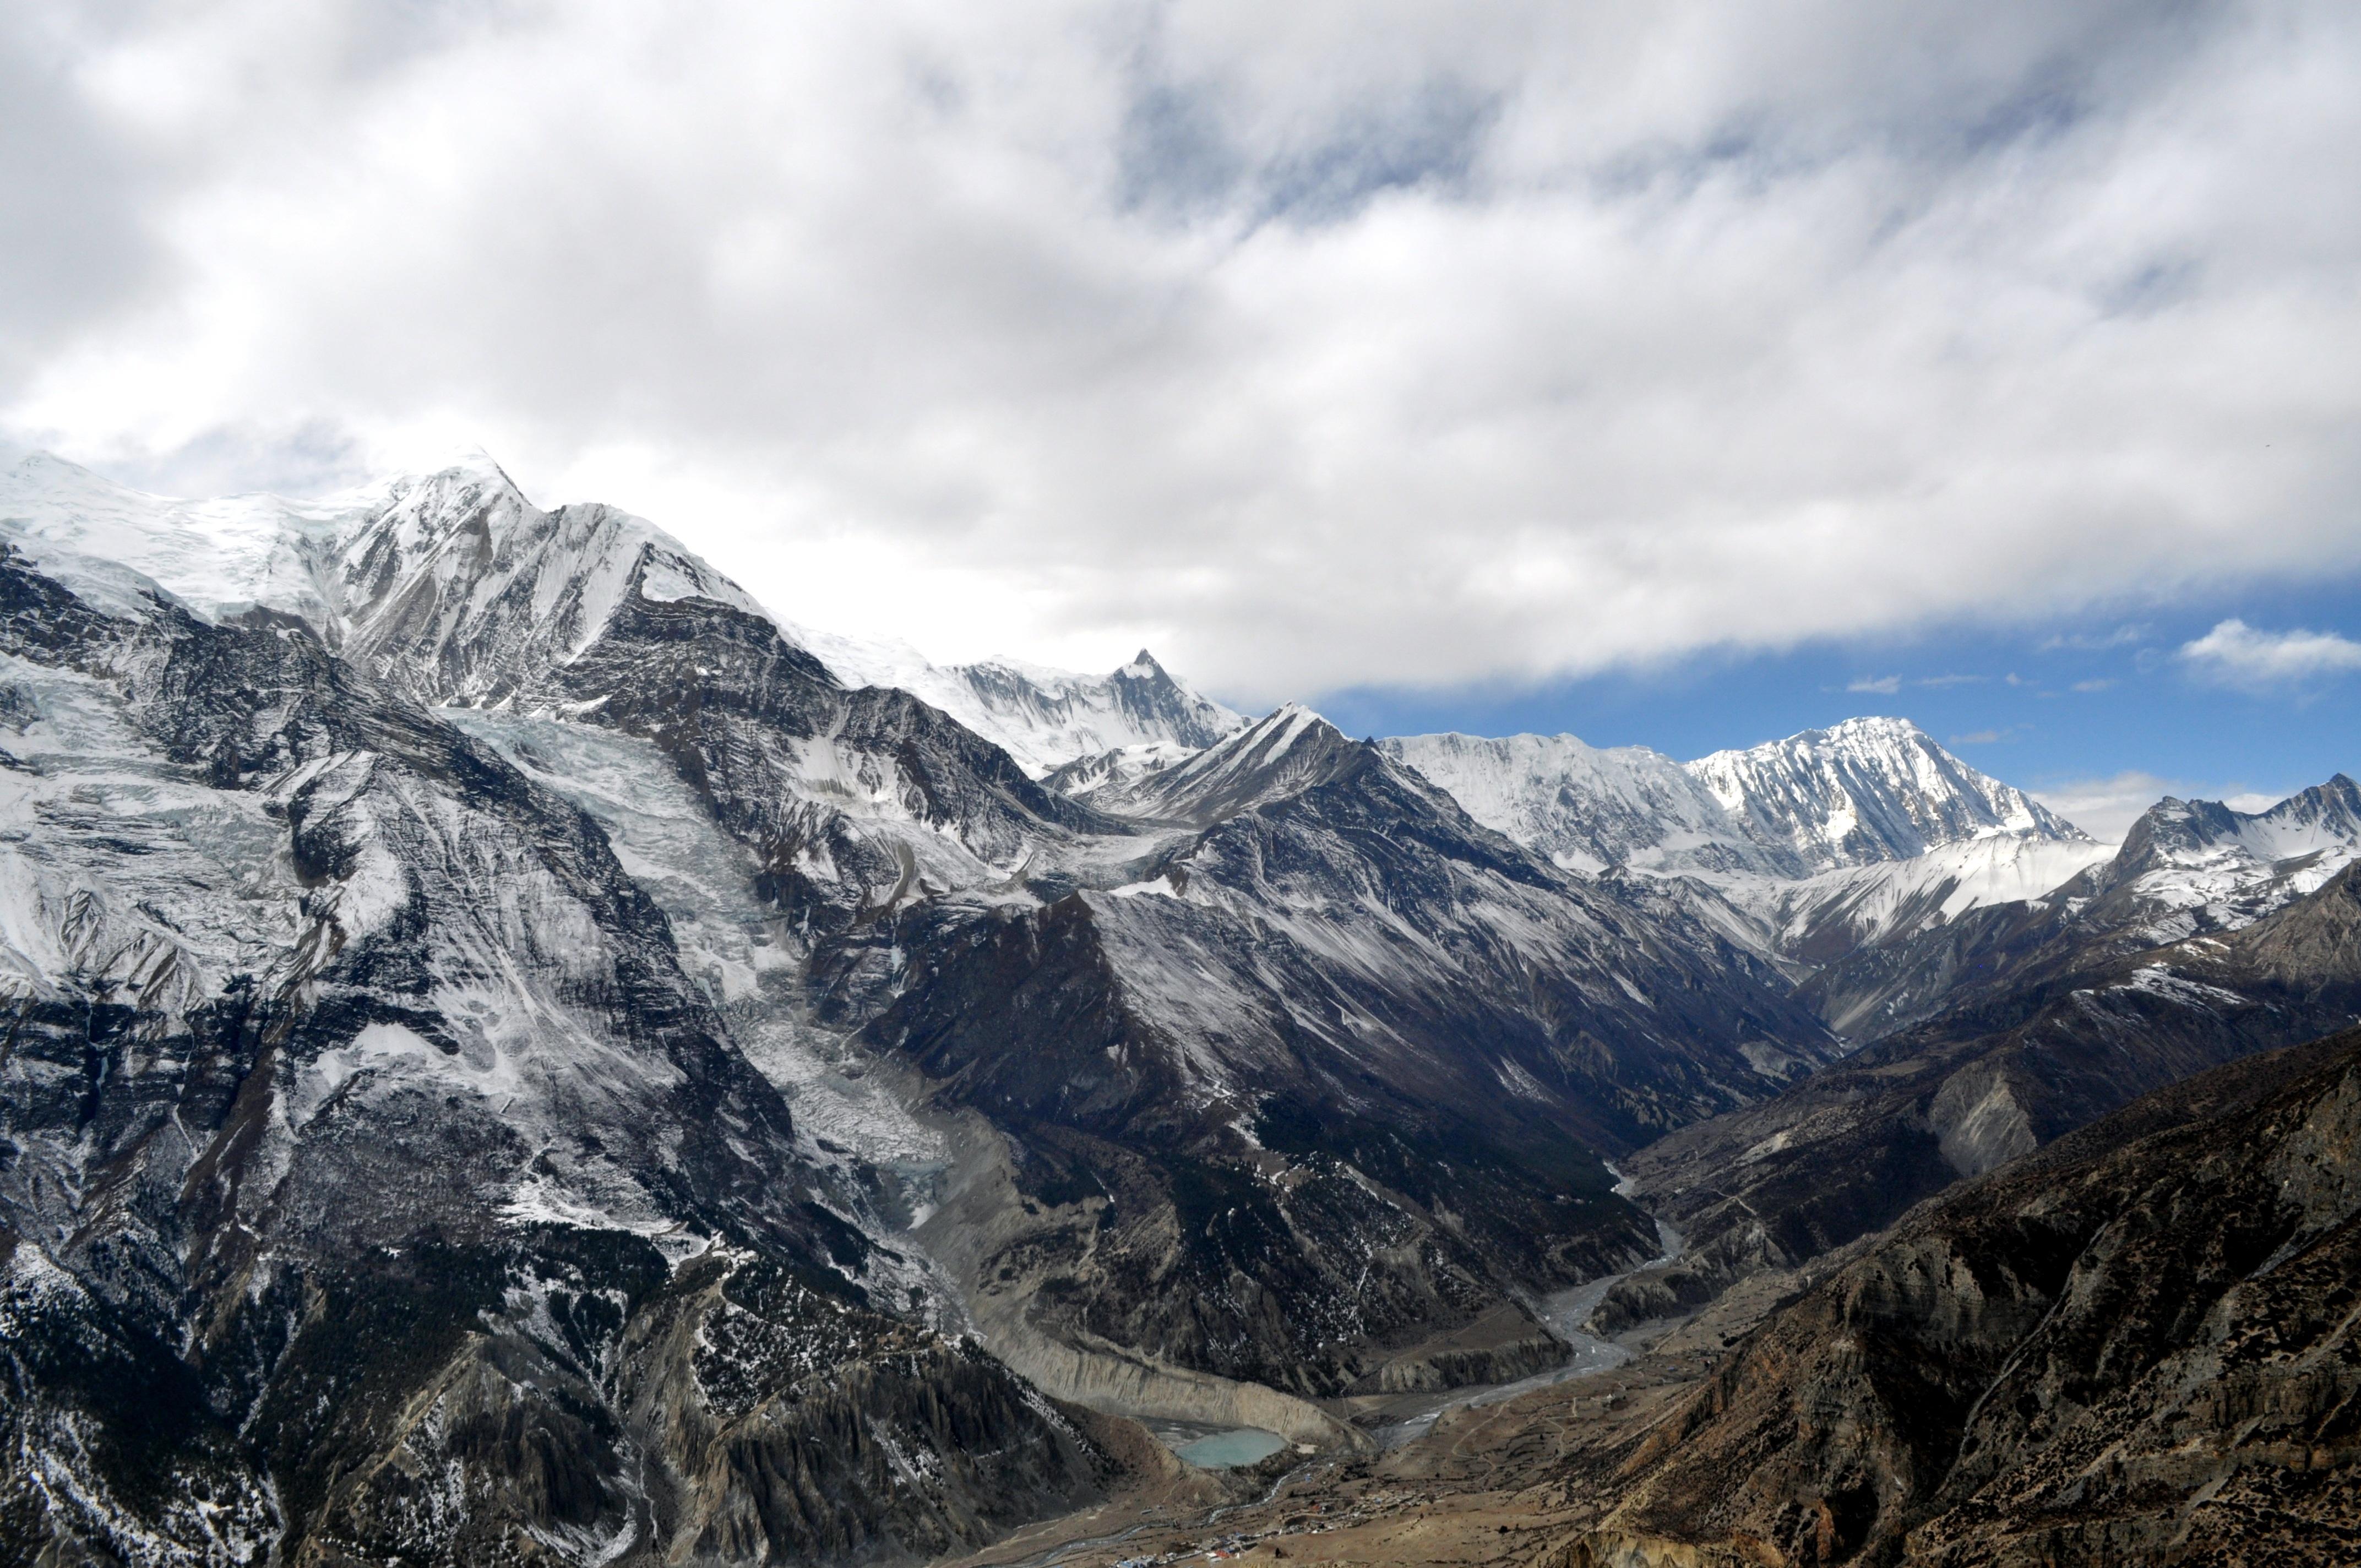 la lingua di ghiaccio del Gangapurna e le montagne che racchiudono il Tilicho Tal